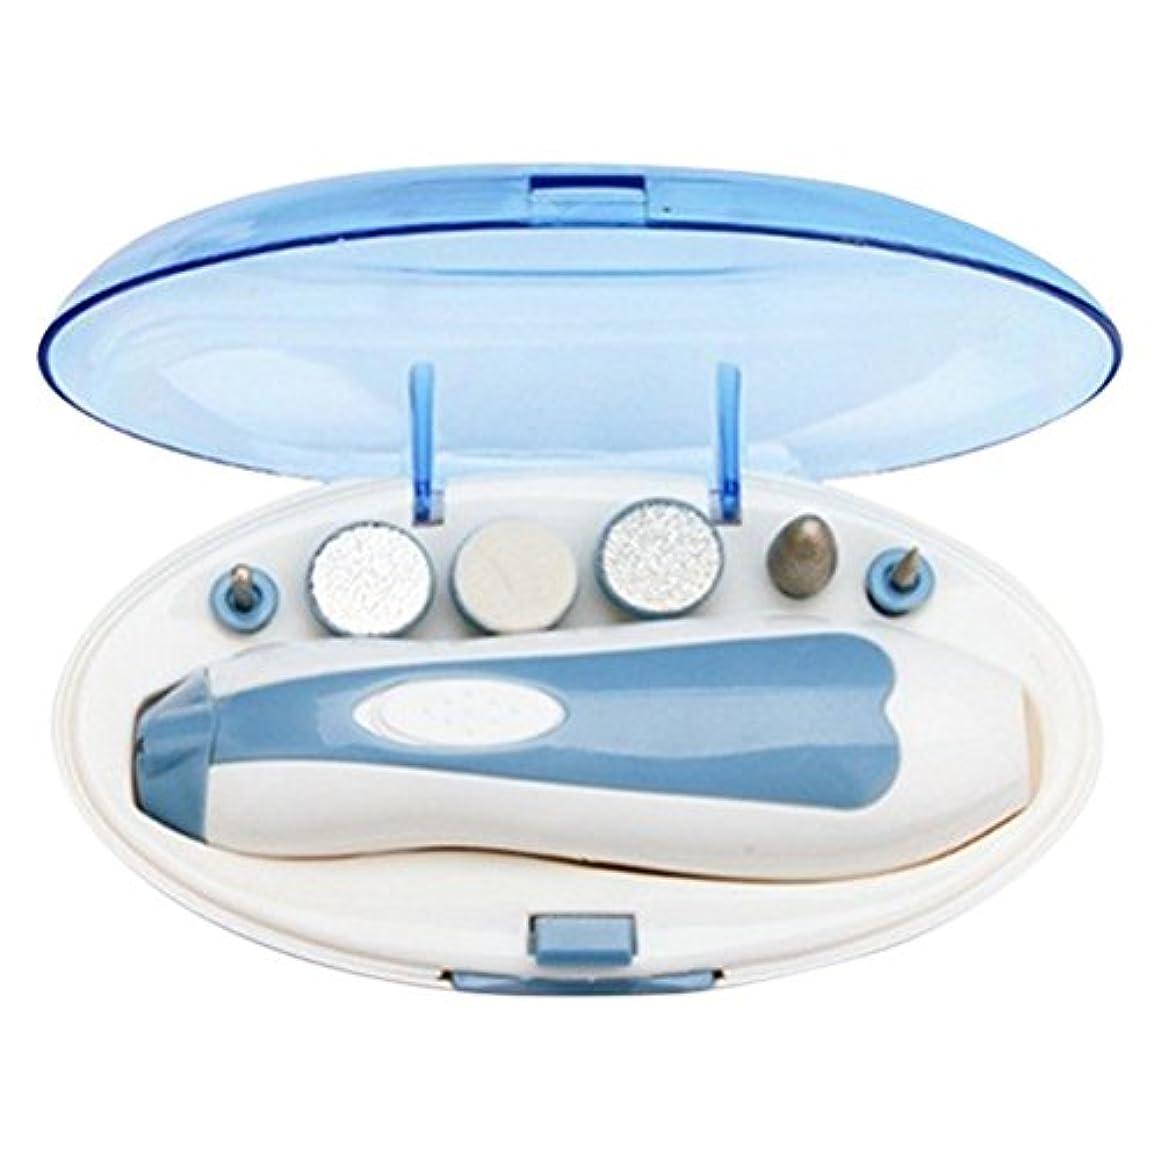 マイルストーン反射献身電動式ネイルケア ネイルマシン ネイルマシーン電動爪磨き 電池式 LEDライト搭載 アタッチメント6種類付き 甘皮 角質除去  持ち運び便利 ブルー ケース付